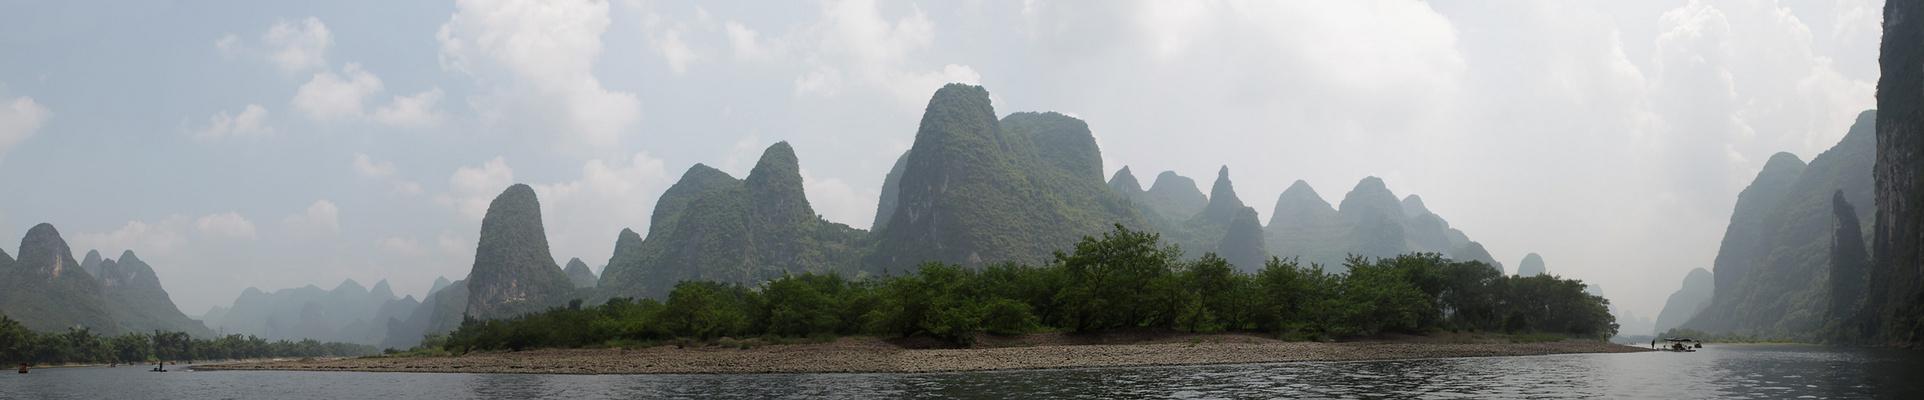 River Li, panorama